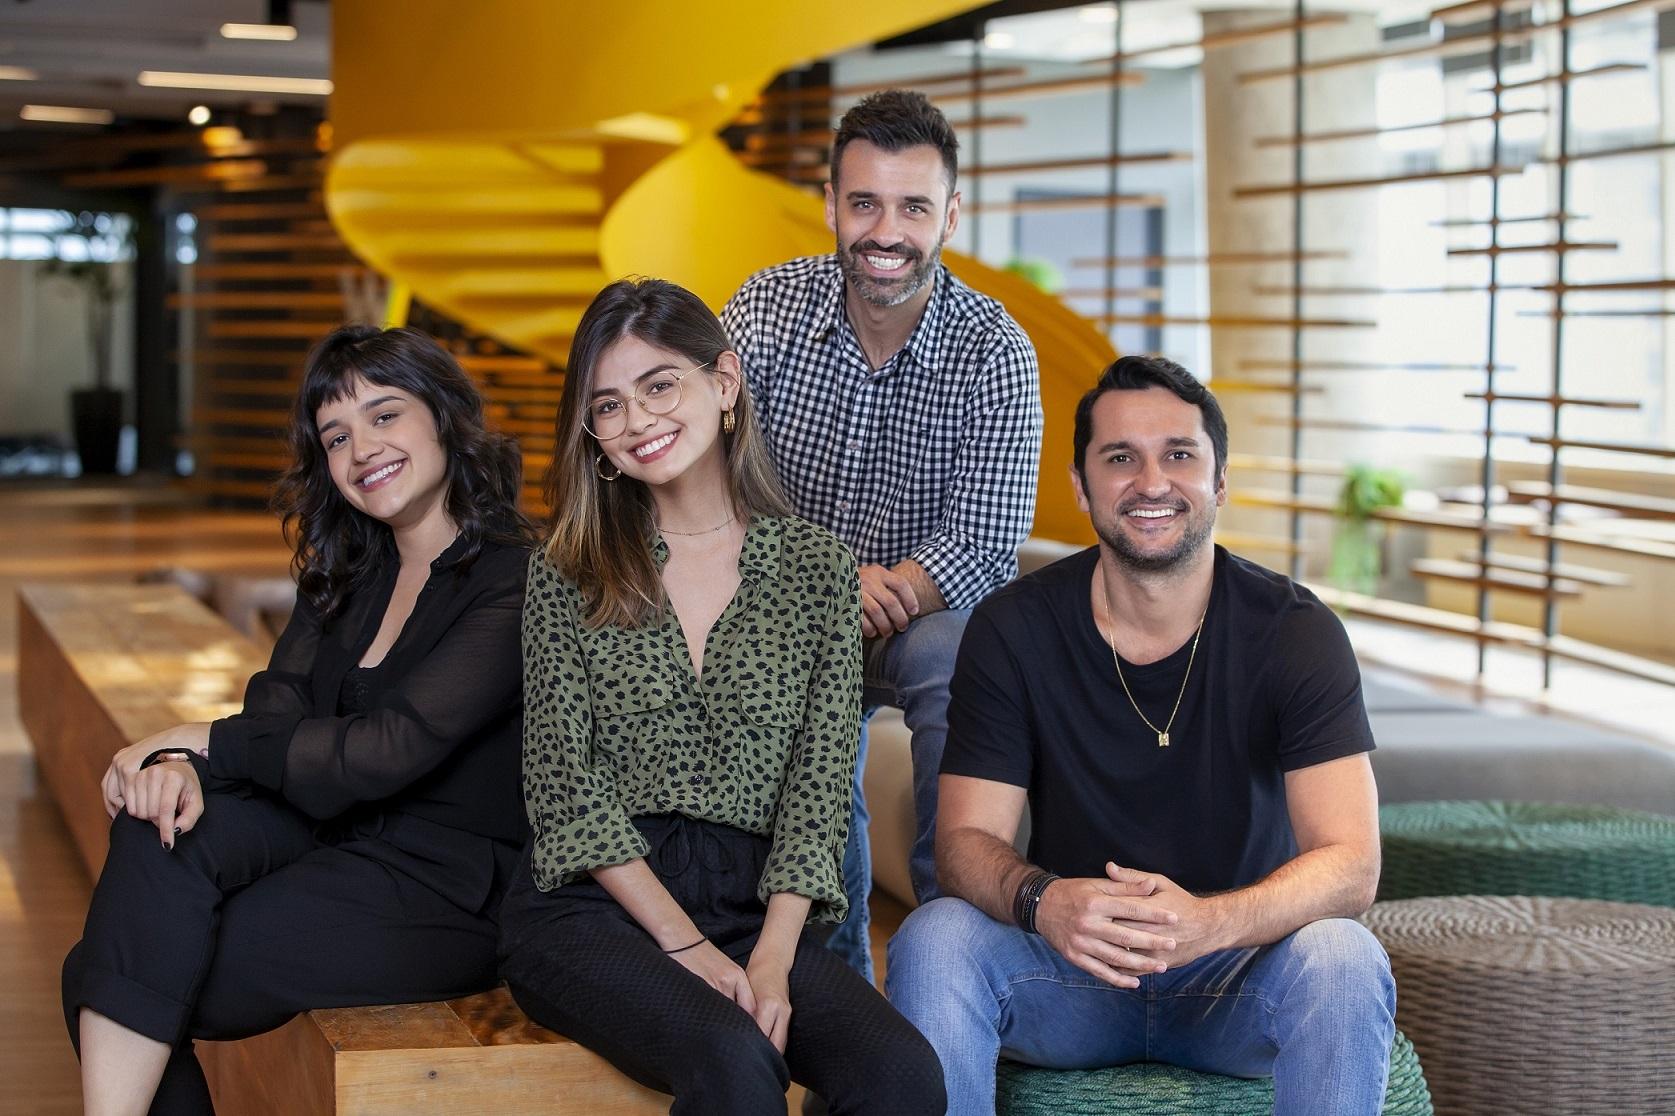 Quatro colaboradores da agência em foto do time, sendo duas mulheres e dois homens. São eles: Patrícia Kano, Diogo Dutra, Rhaissa Bueno e Chico Lucas